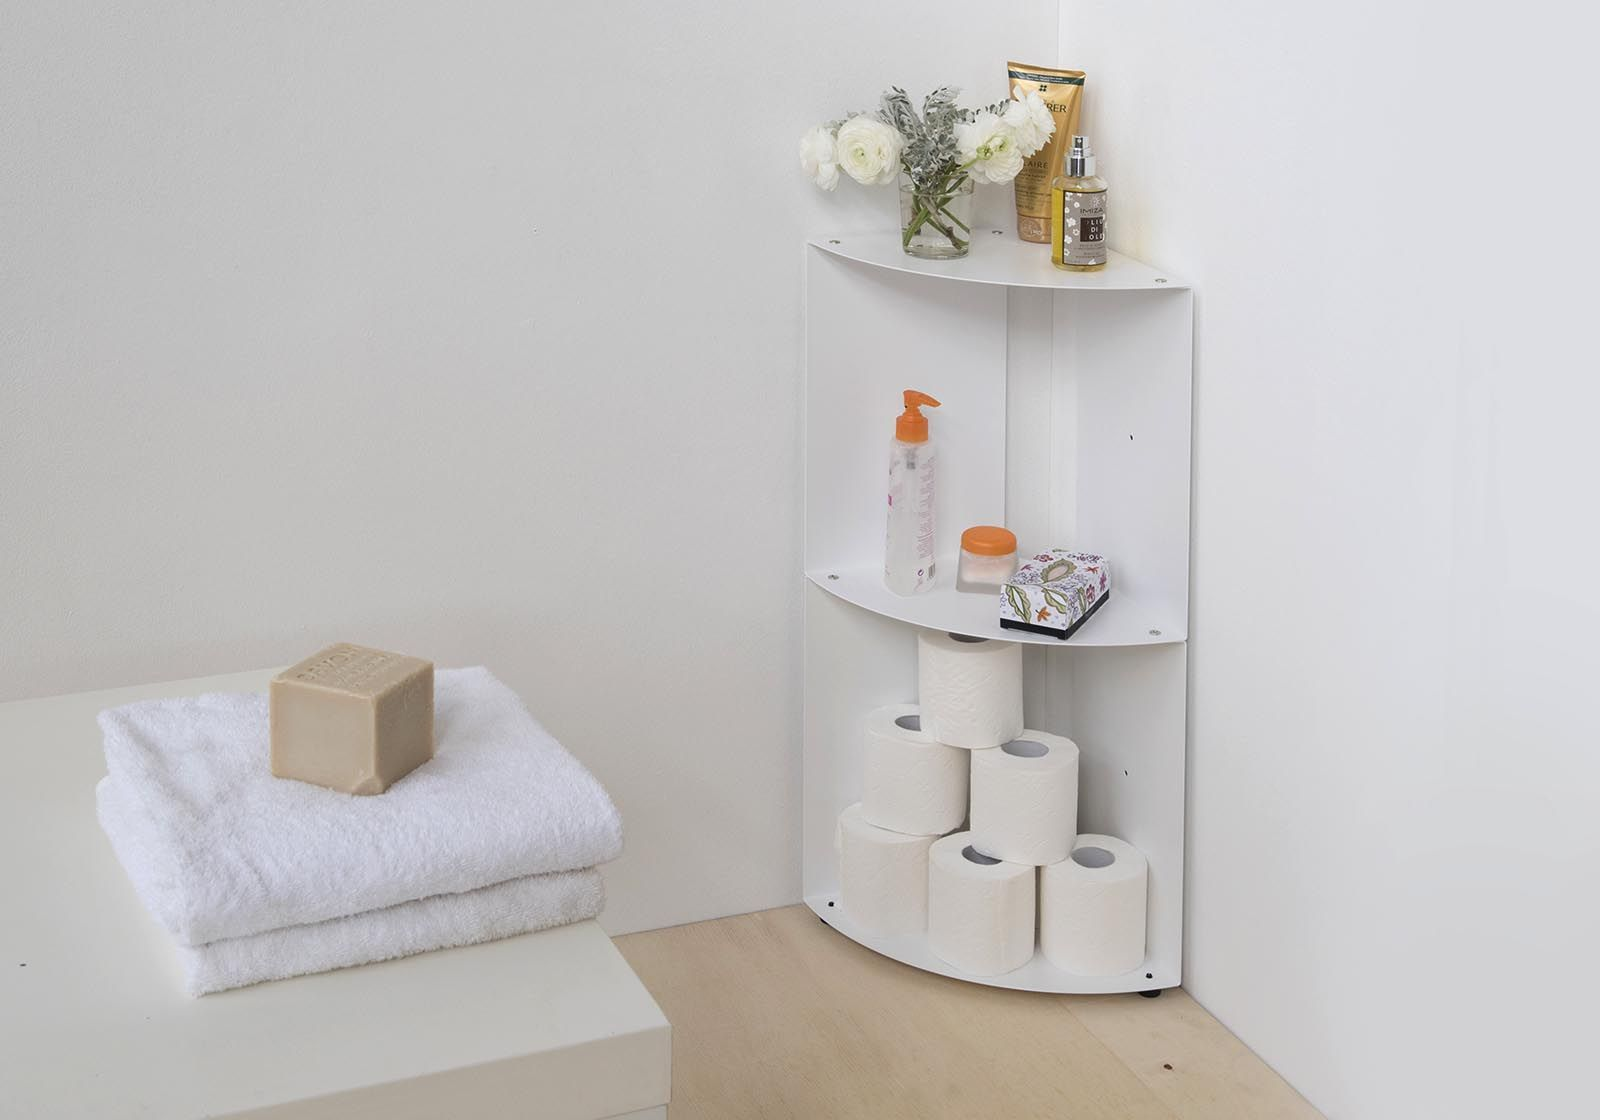 Mensole d'angolo per bagno DANgolo - Acciaio - 25x25x68cm